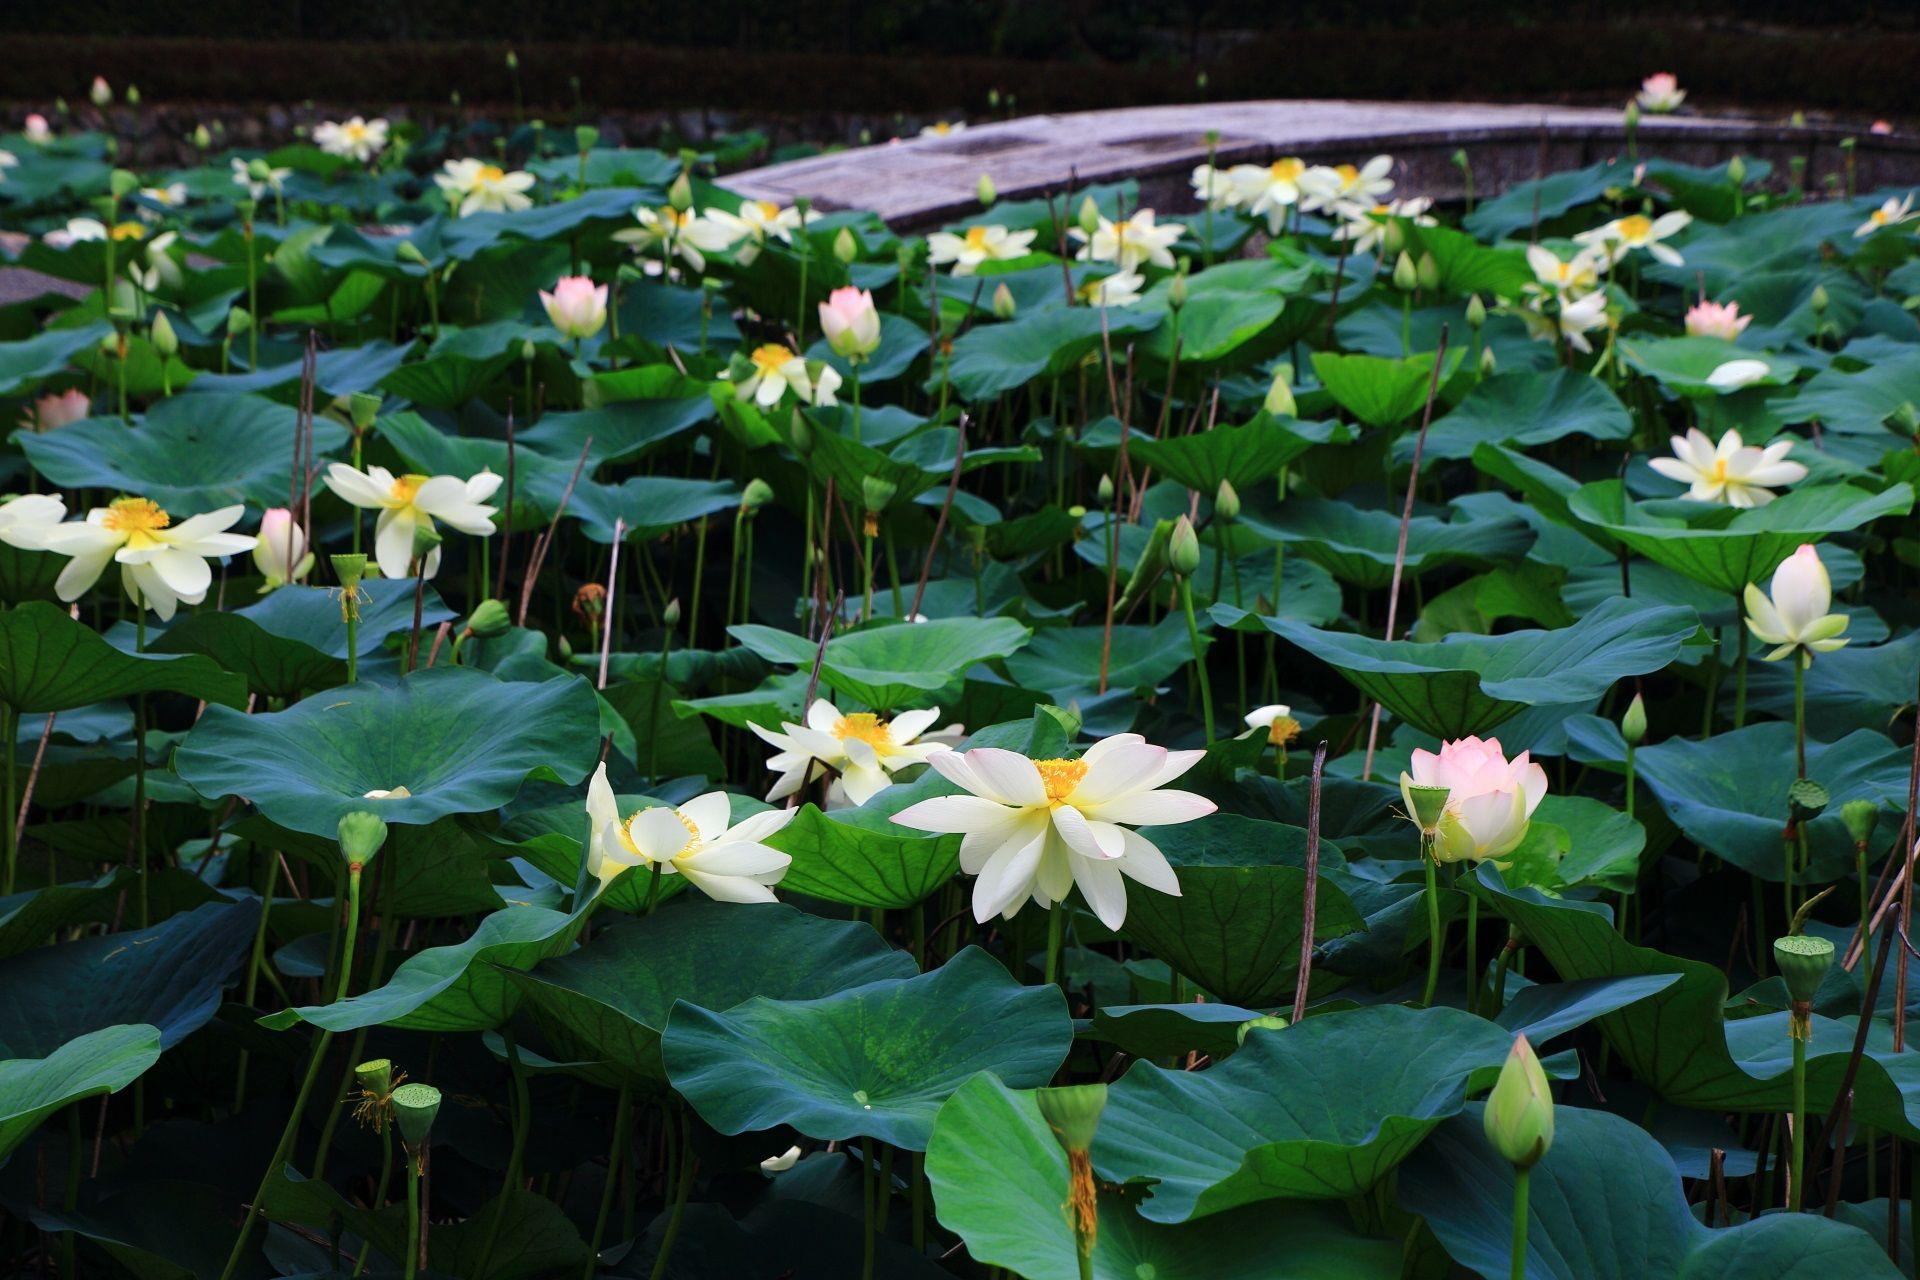 緑に映える華やかな白いはすの花 ハスの花